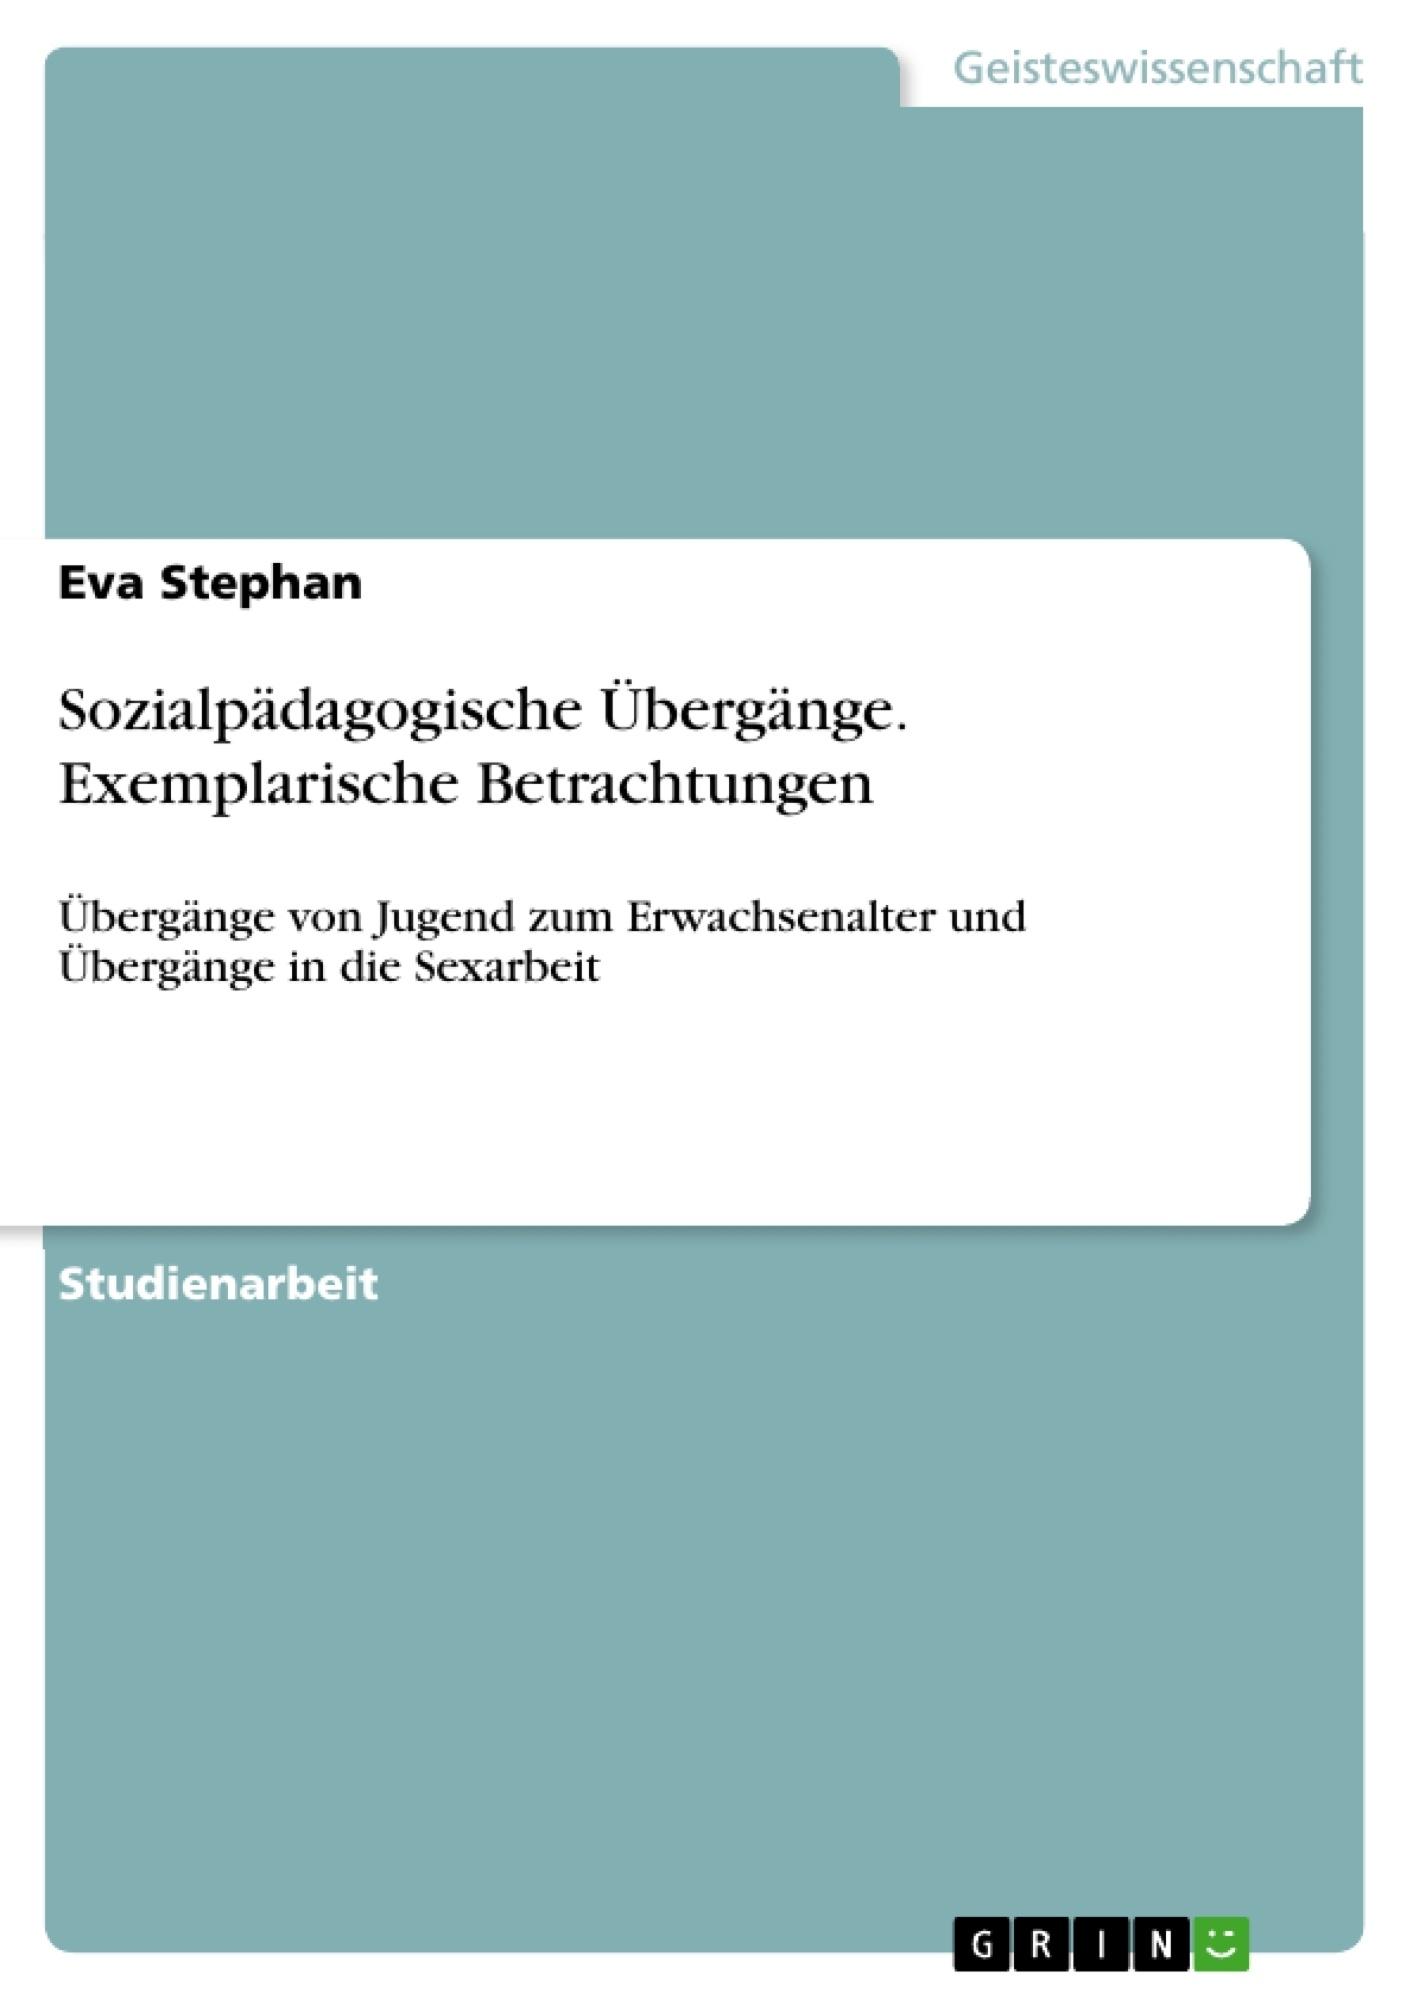 Titel: Sozialpädagogische Übergänge. Exemplarische Betrachtungen